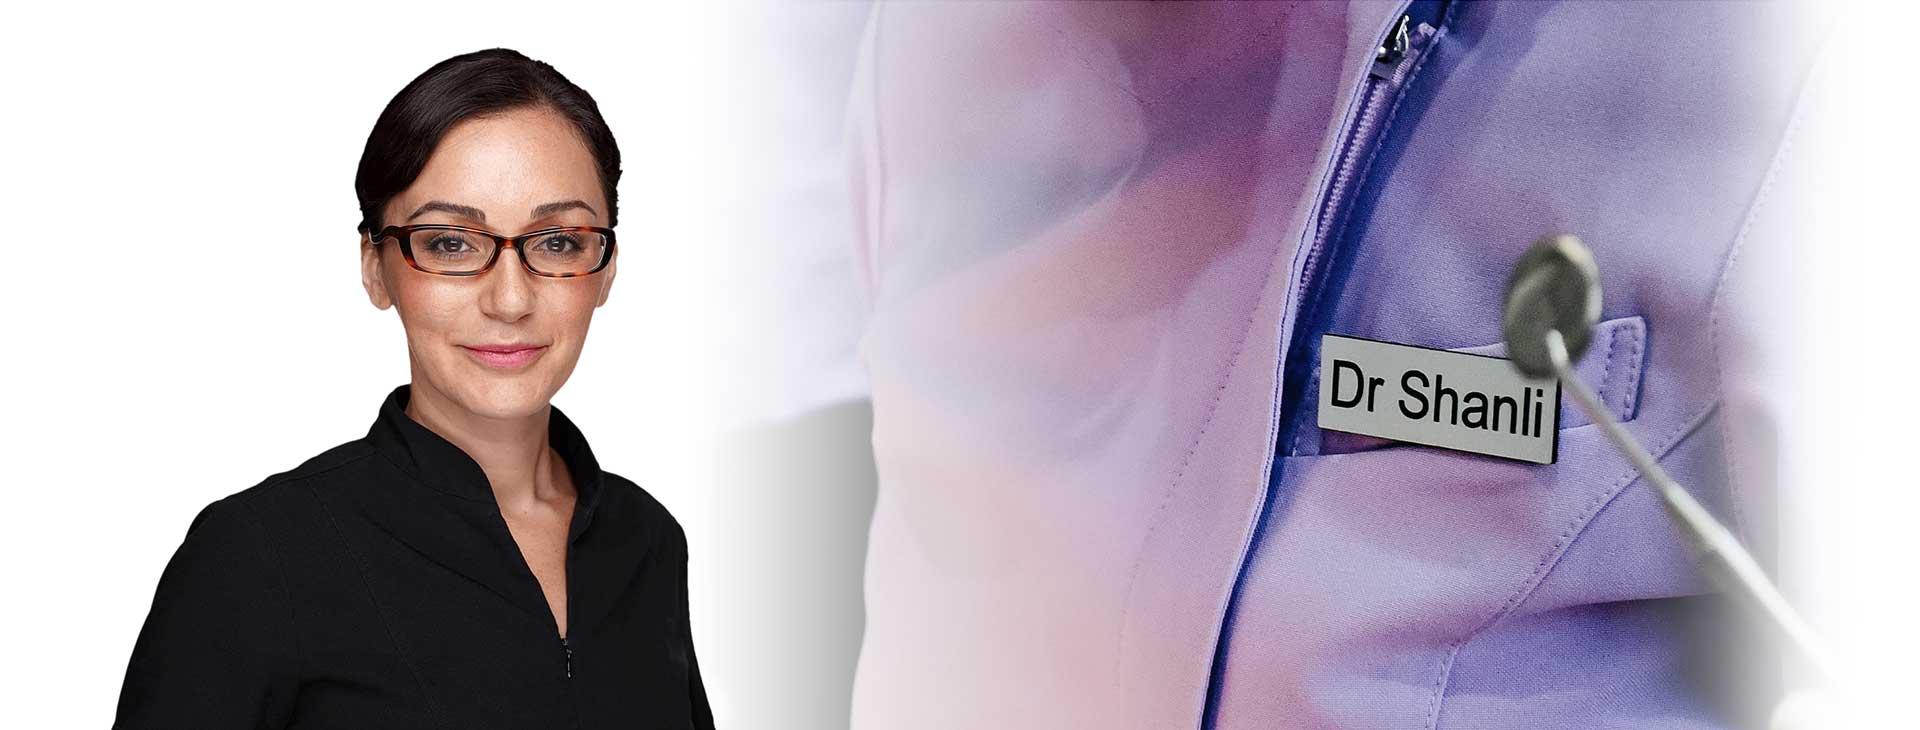 https://www.dubbodentistry.com.au/wp-content/uploads/2018/06/Dr_Shanli_Alizadeh_Dubbo_Dentistry_banner.jpg